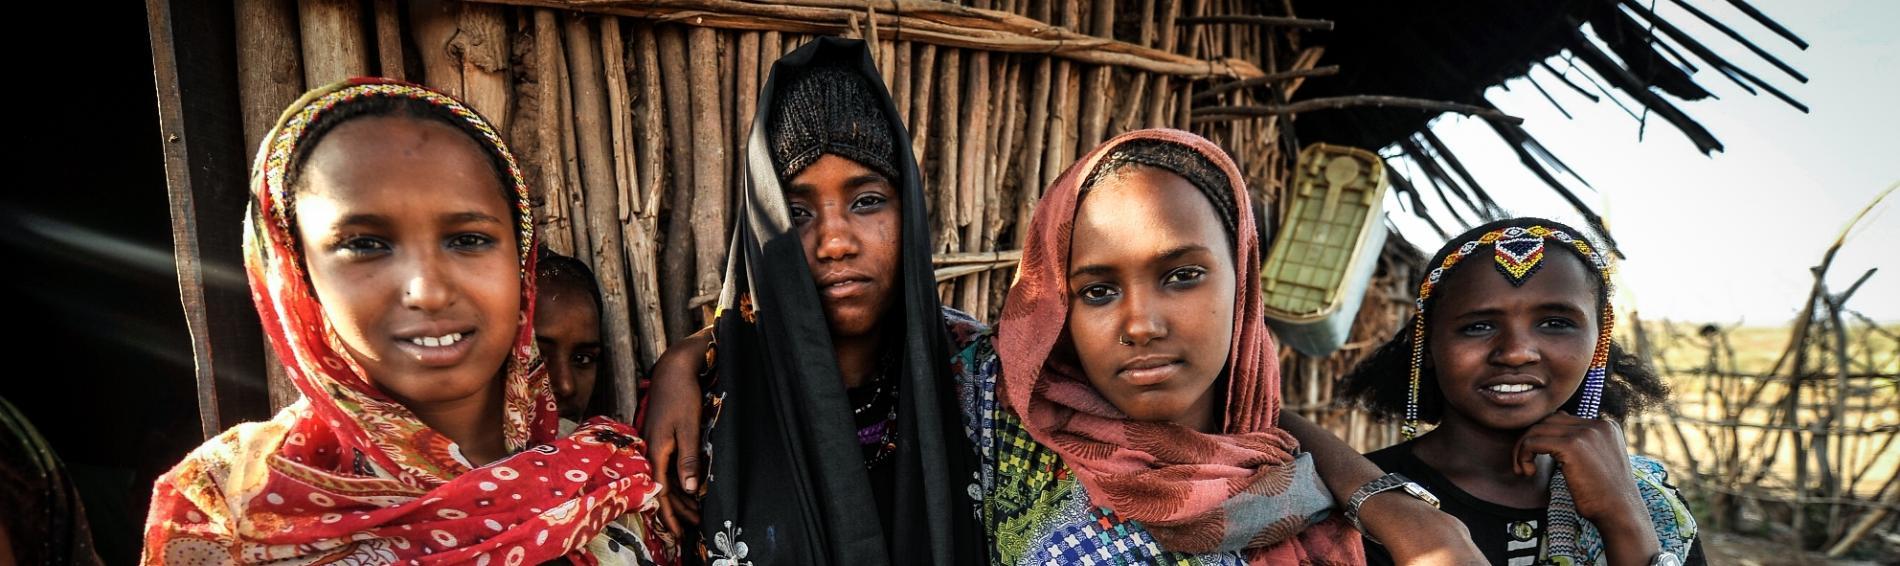 Im Nordosten Äthiopiens engagiert sich Ärzte der Welt  seit 2014 gegen die weibliche Genitalverstümmelung | © Quentin Top